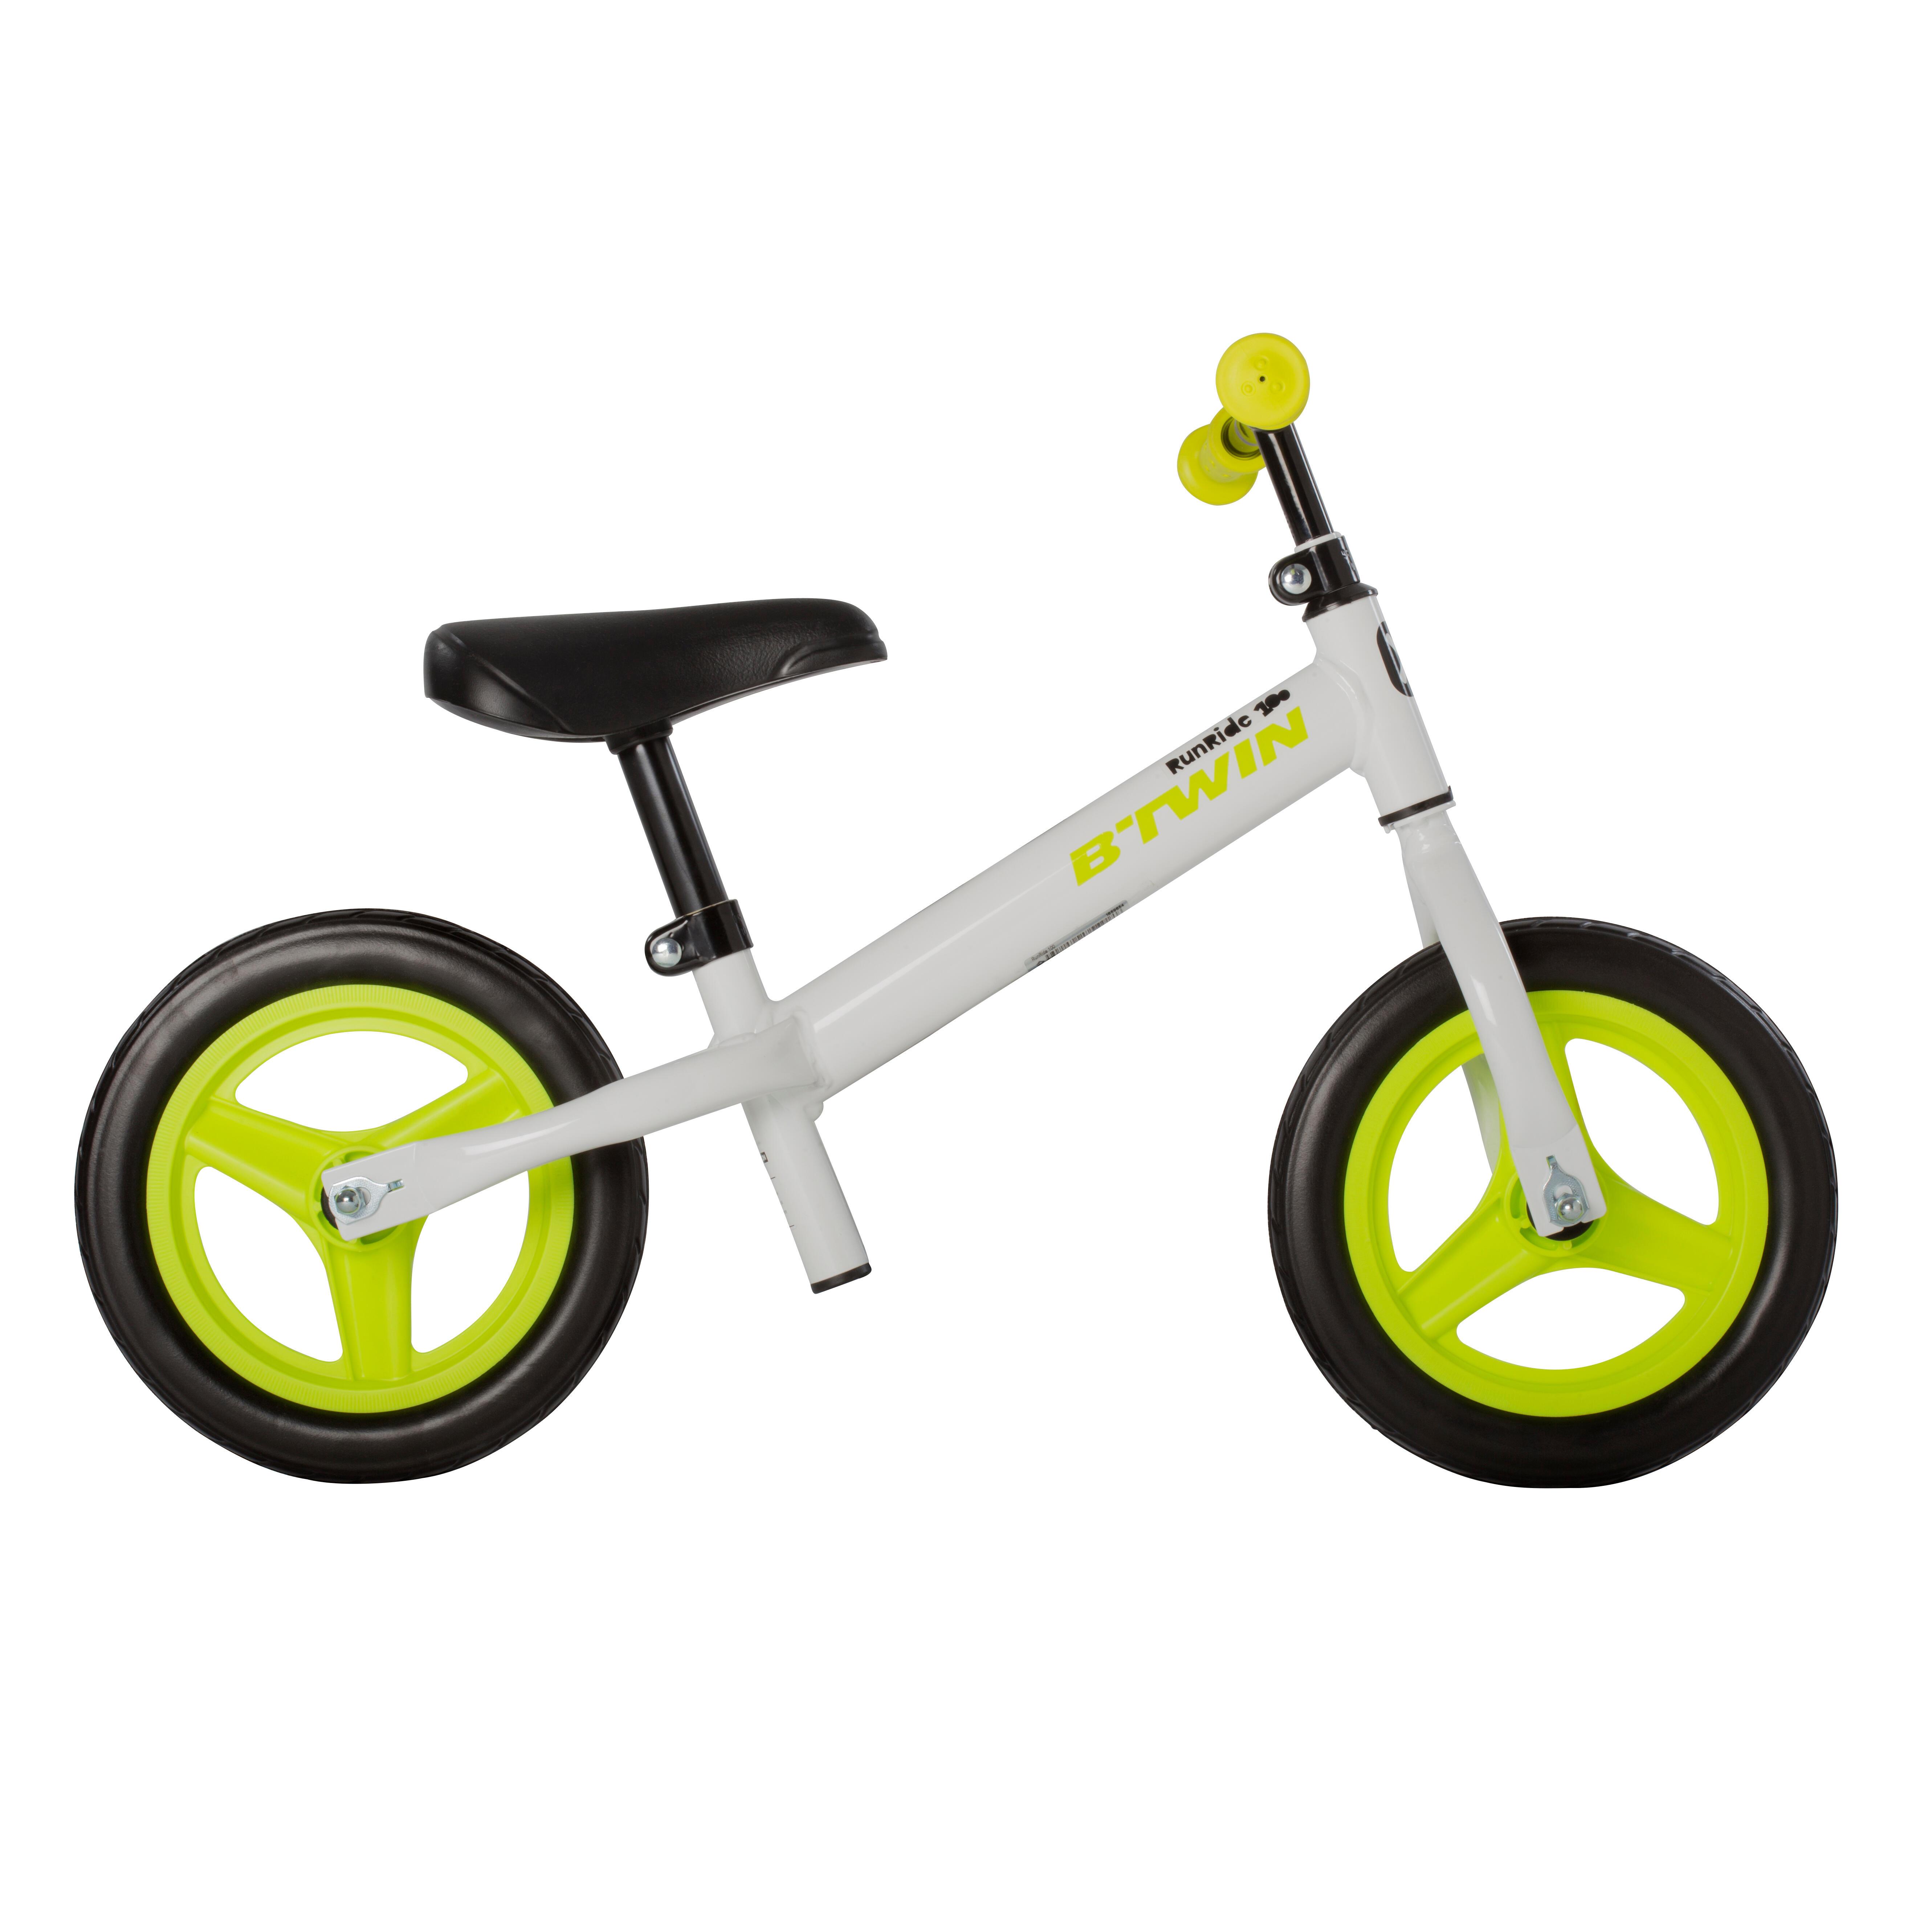 Bicicleta sin pedales para niños de 10 pulgadas Run Ride 100 Blanco